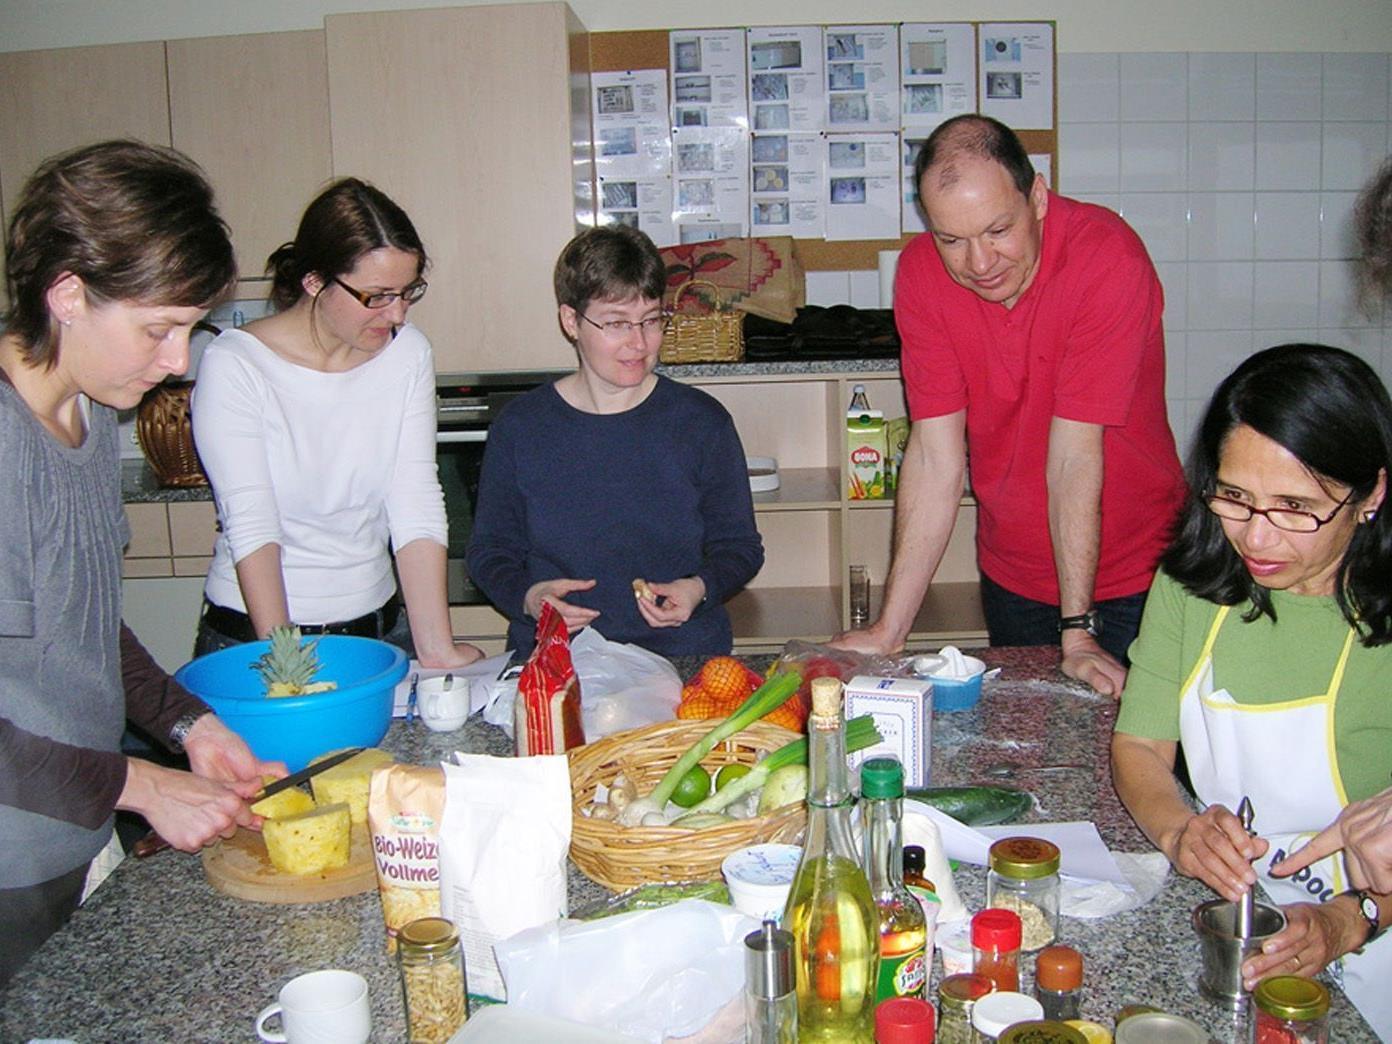 Die Kochkurse der Volkshochschule Hohenems erfreuen sich nach wie vor großer Beliebtheit.